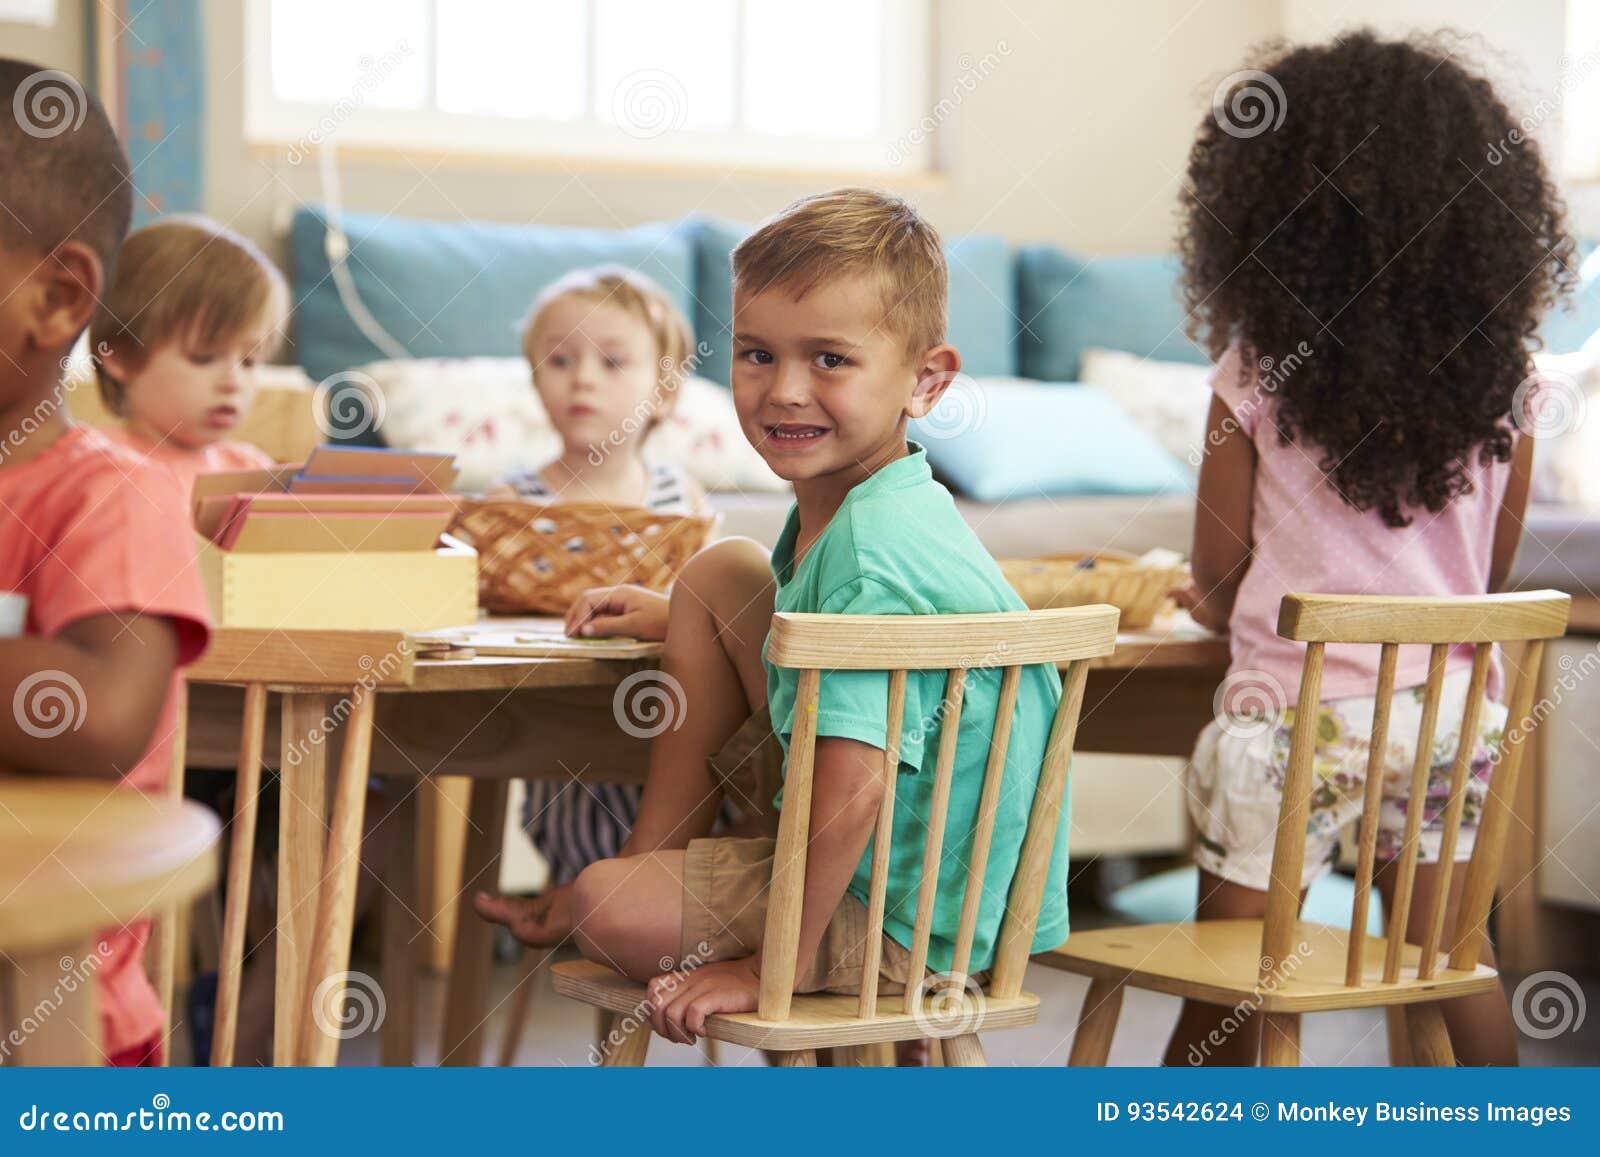 Camere Montessoriane : Consigli per arredare una cameretta montessori casafacile